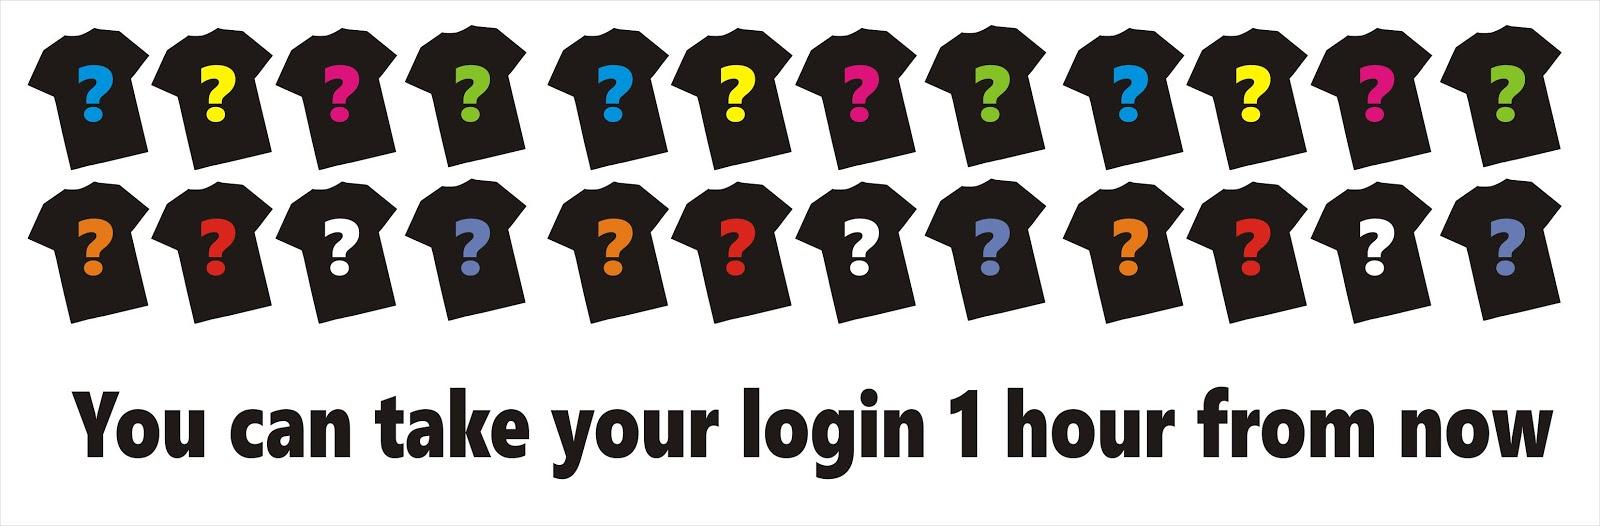 Amazon T Shirts Design تصاميم التيشرتات بدون حقوق نشر و طبع